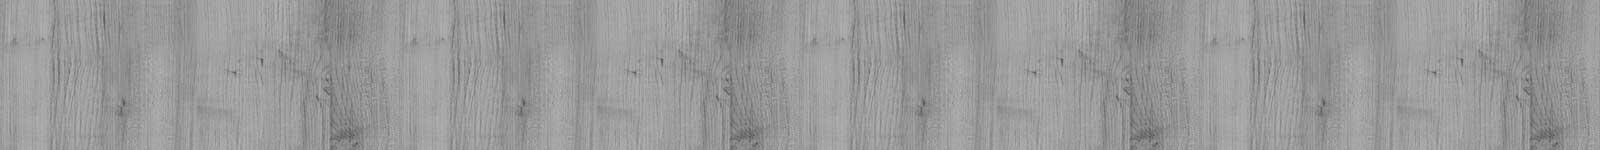 fm_hg_wood-grey